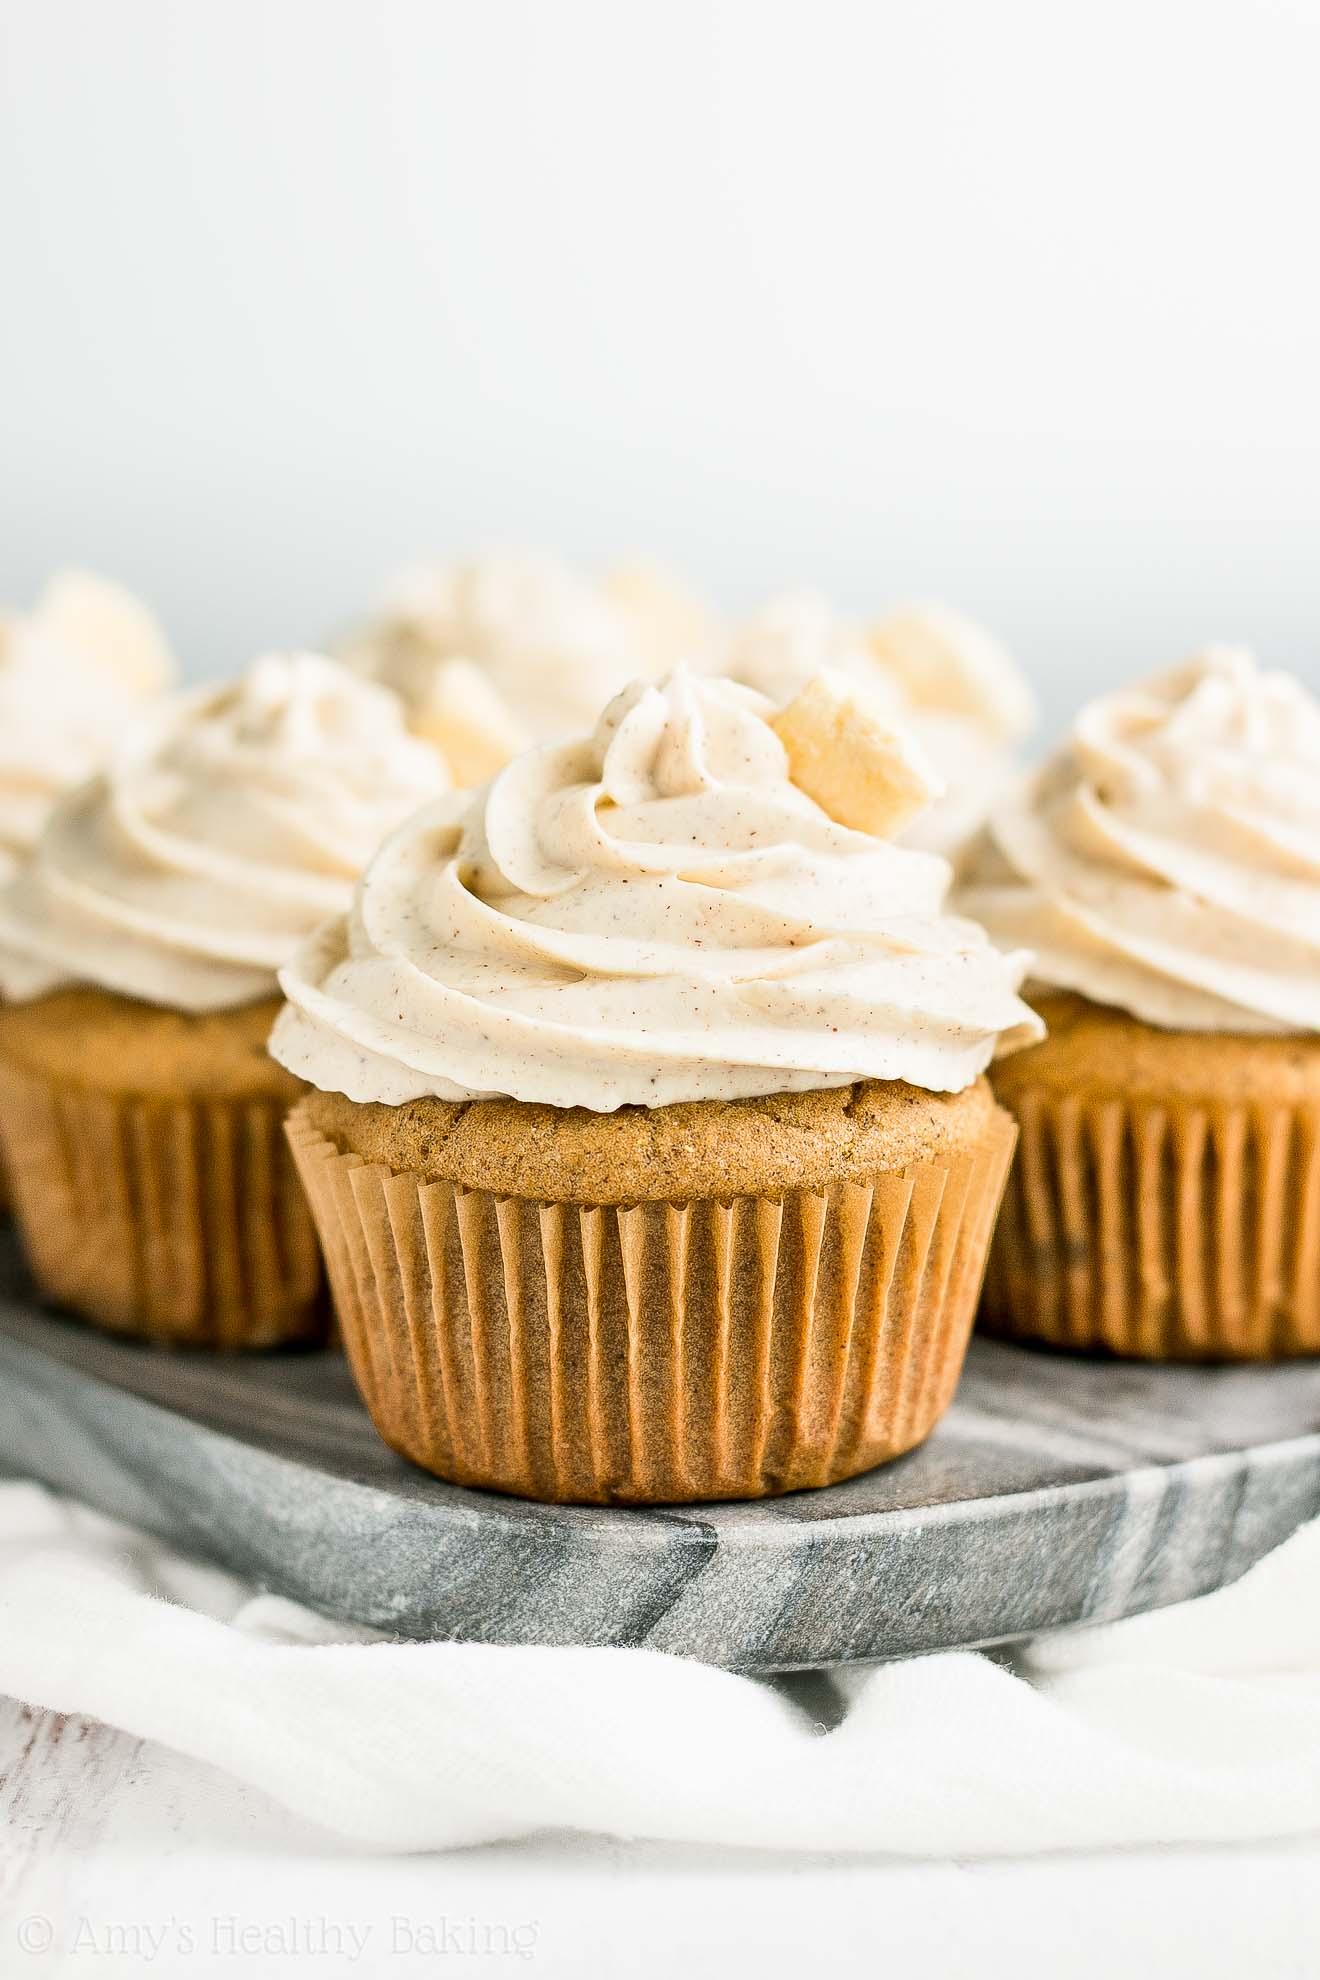 Easy Low-Calorie Healthy Cinnamon Apple Cupcakes with Greek Yogurt Frosting